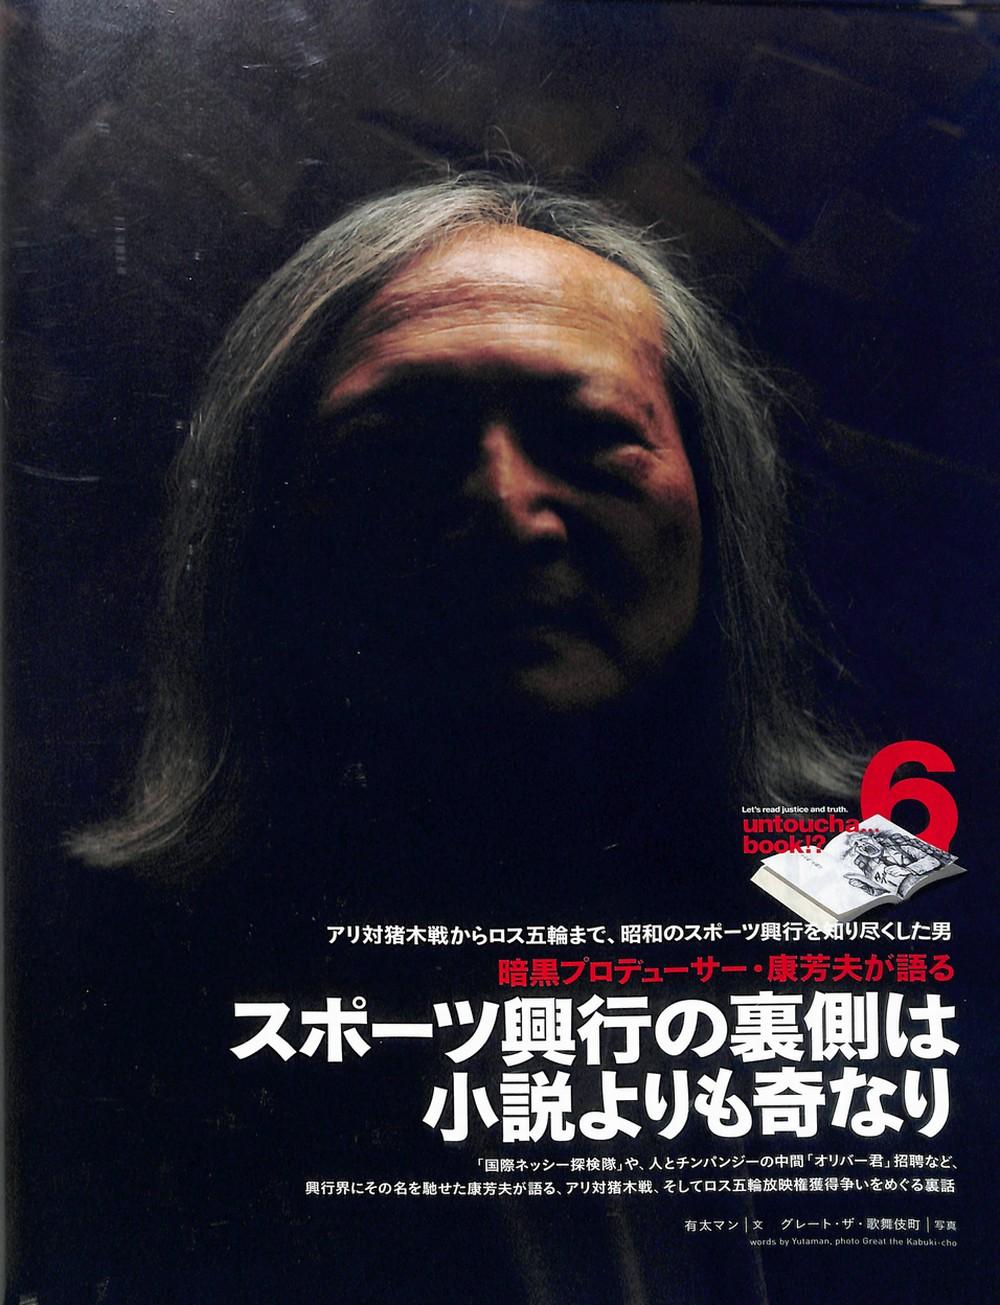 暗黒プロデューサー・康芳夫が語る(サイゾー June 2007 より)